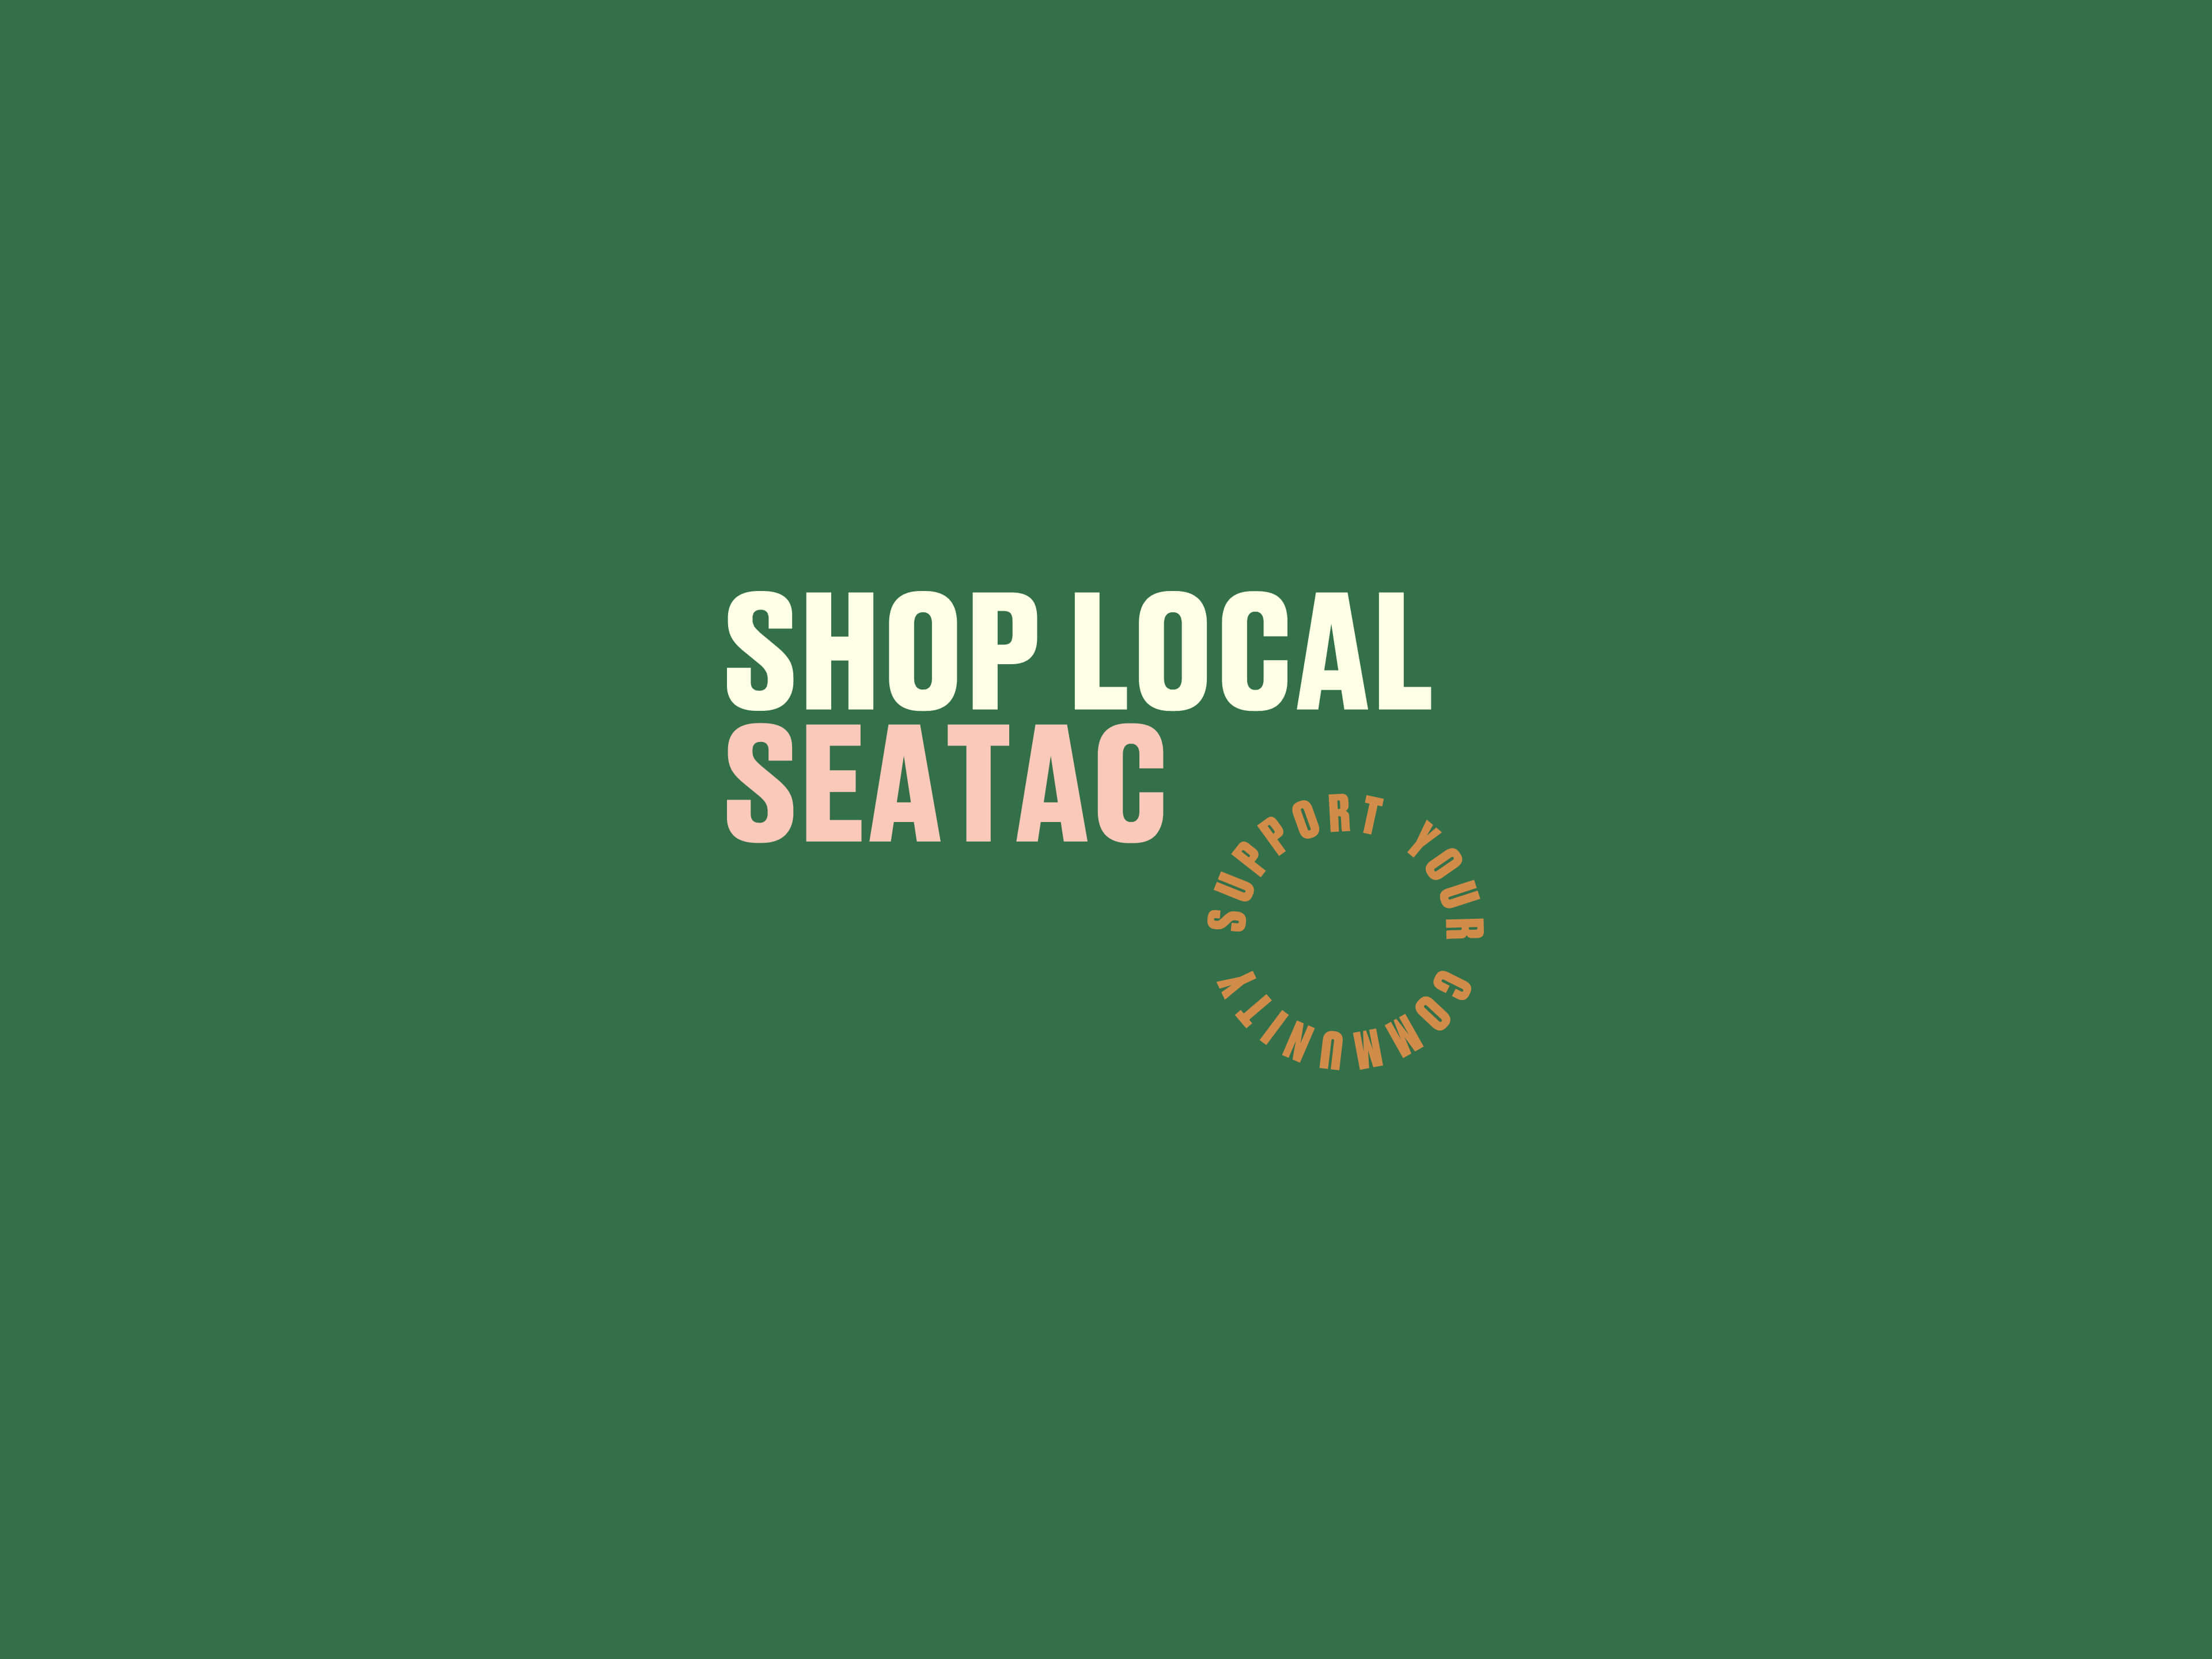 Shop Local SeaTac